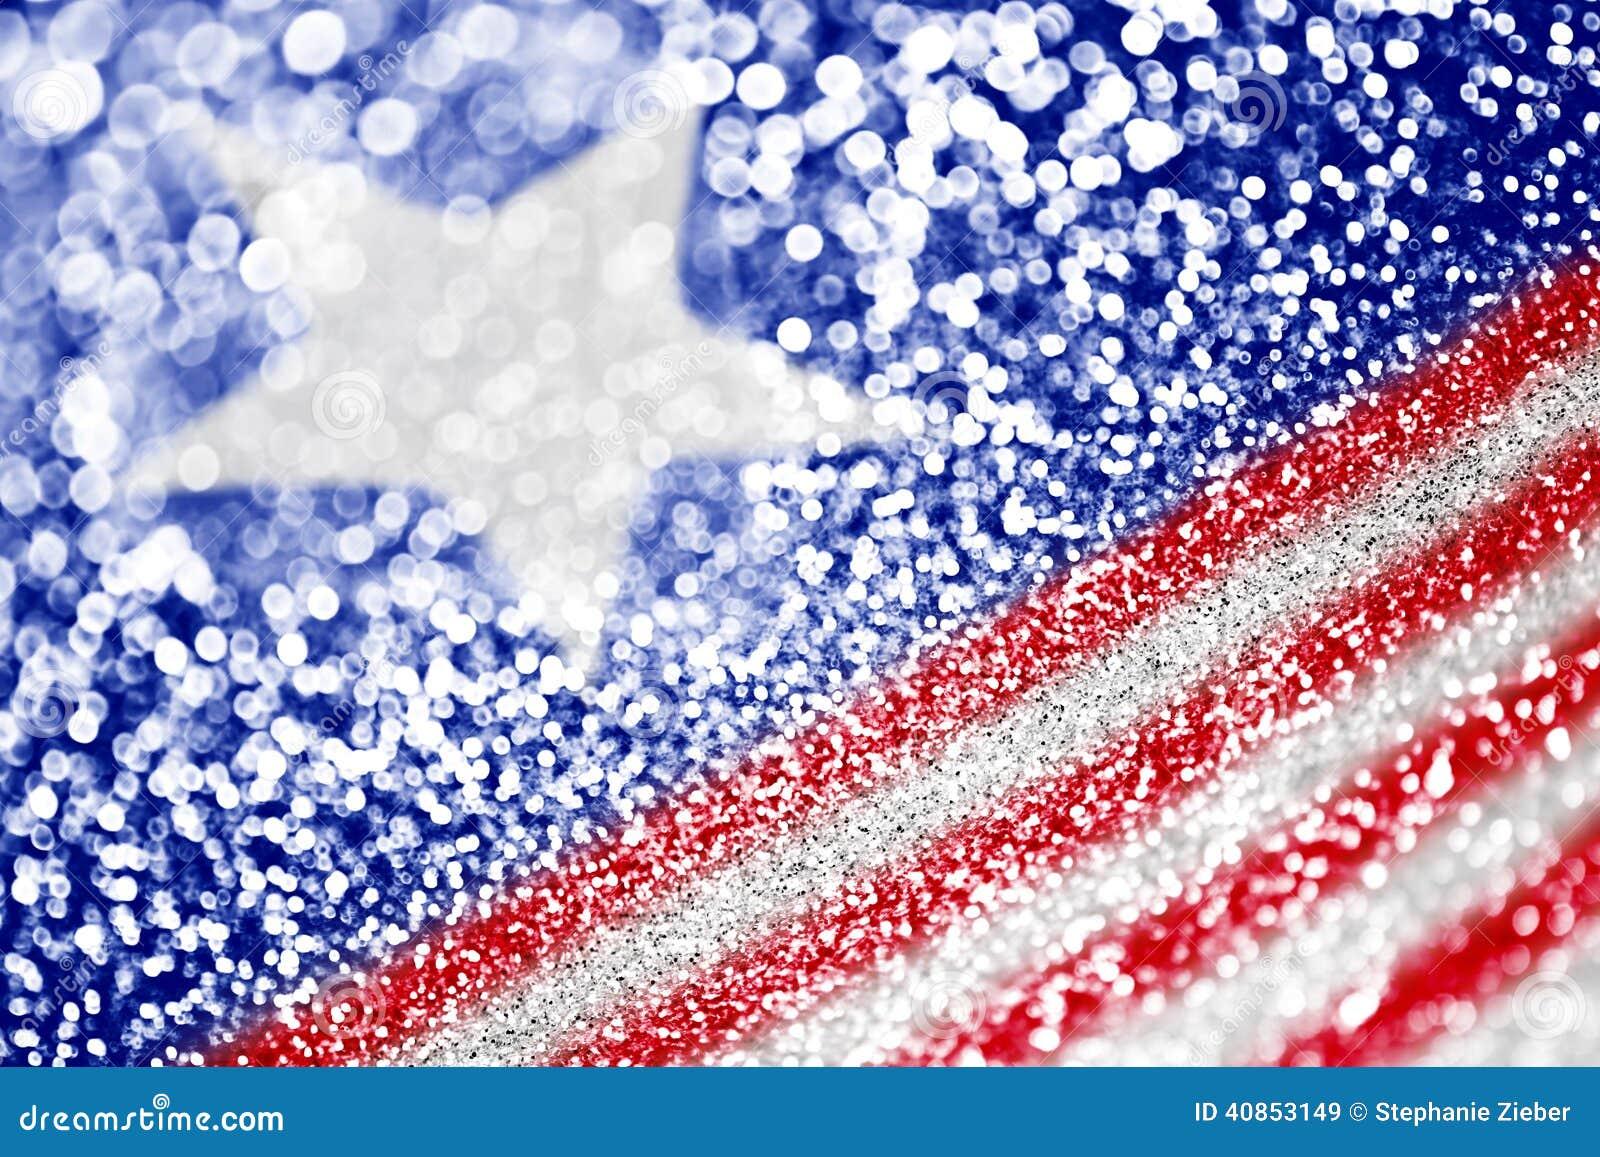 爱国美国背景的标志